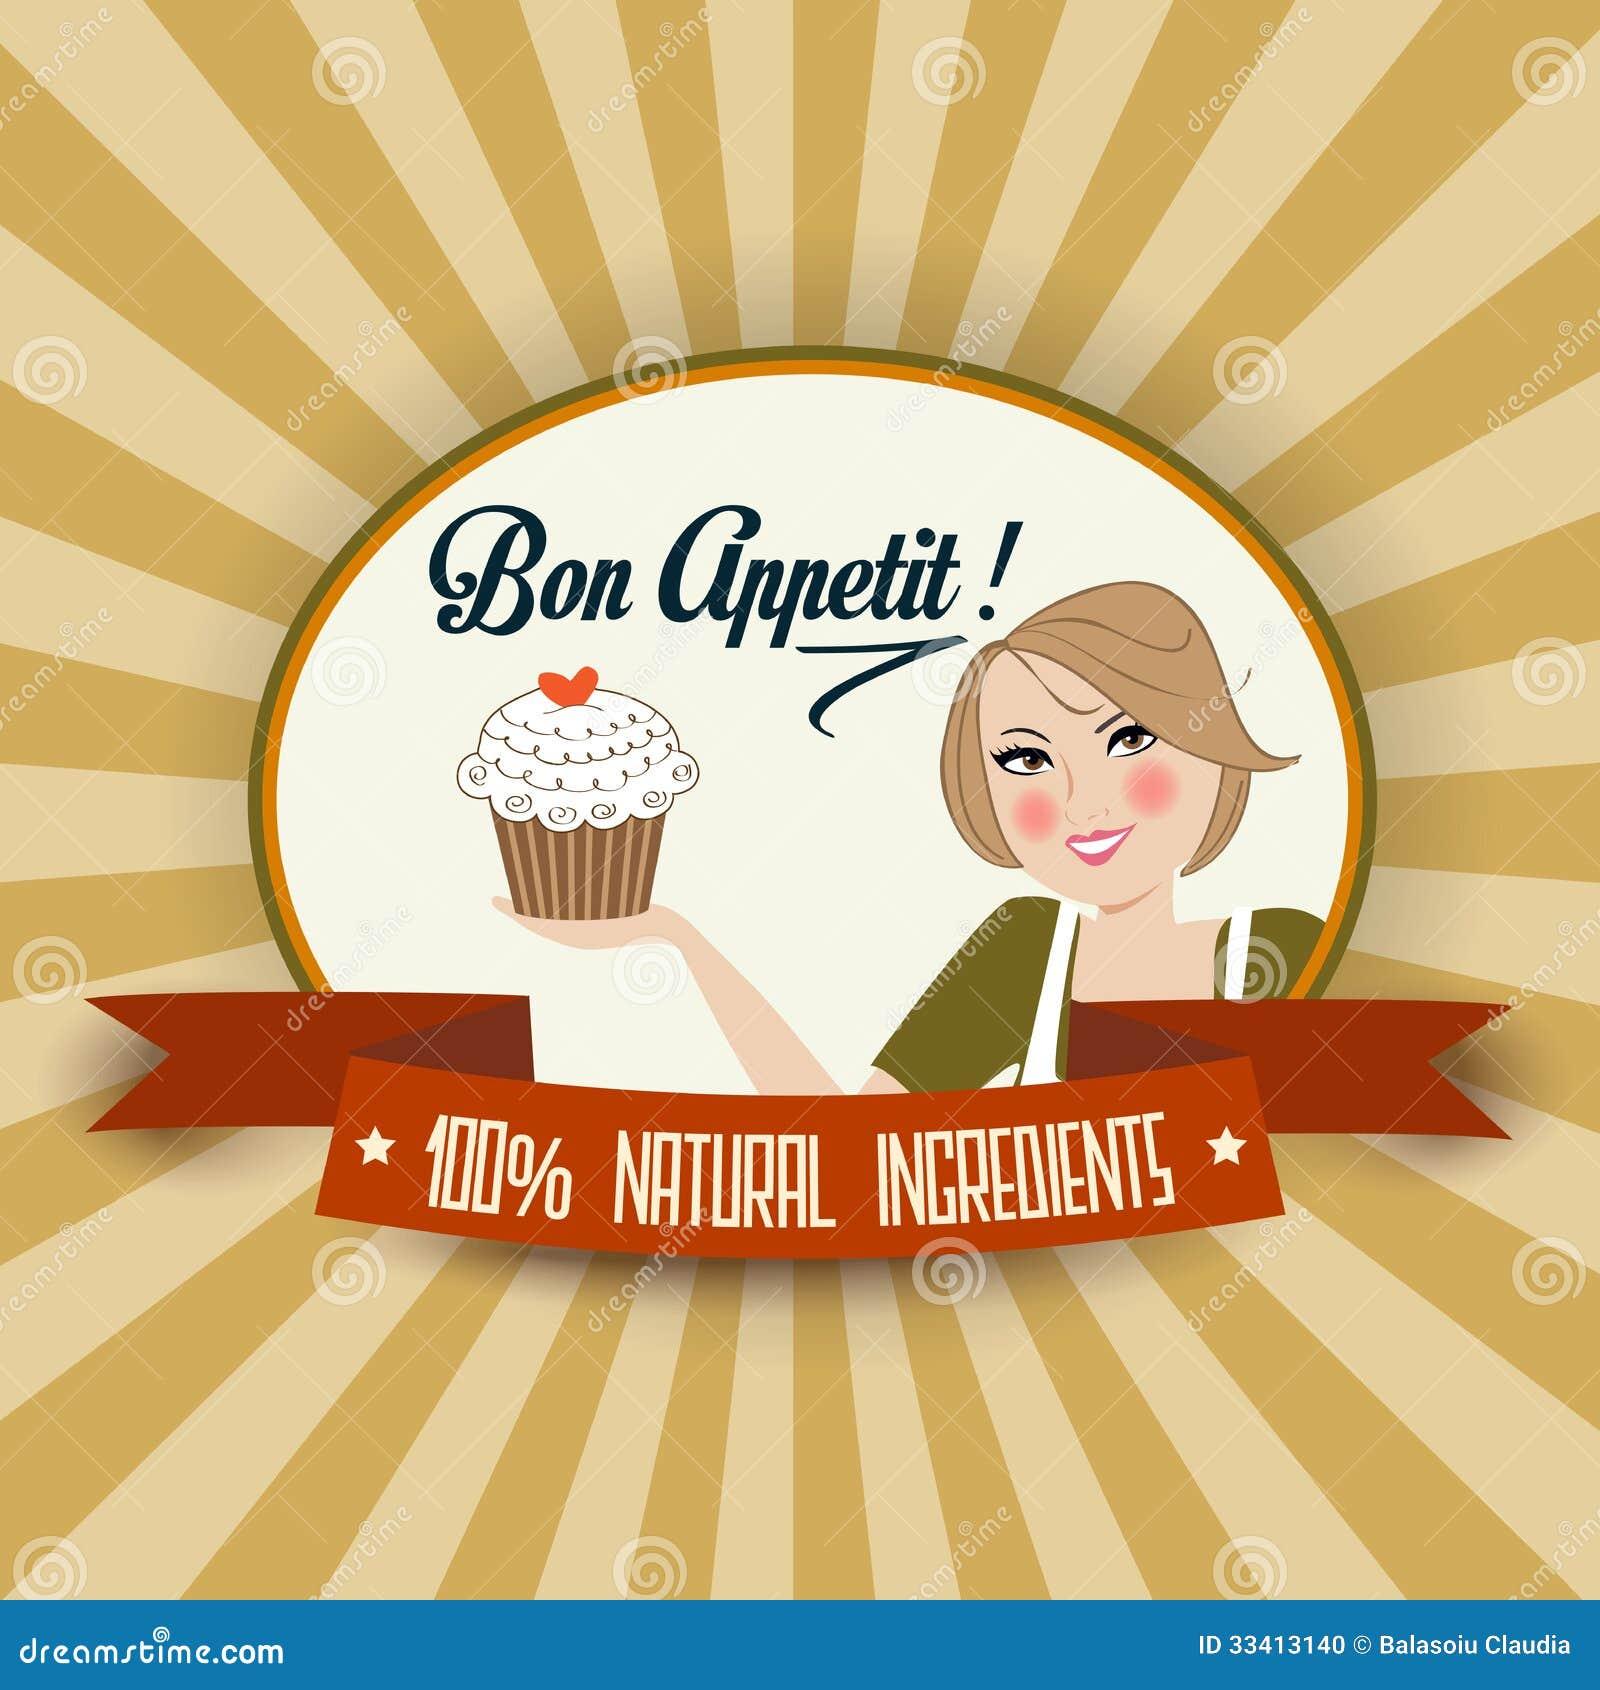 Retro illustrazione della moglie con il messaggio del appetit di Bon